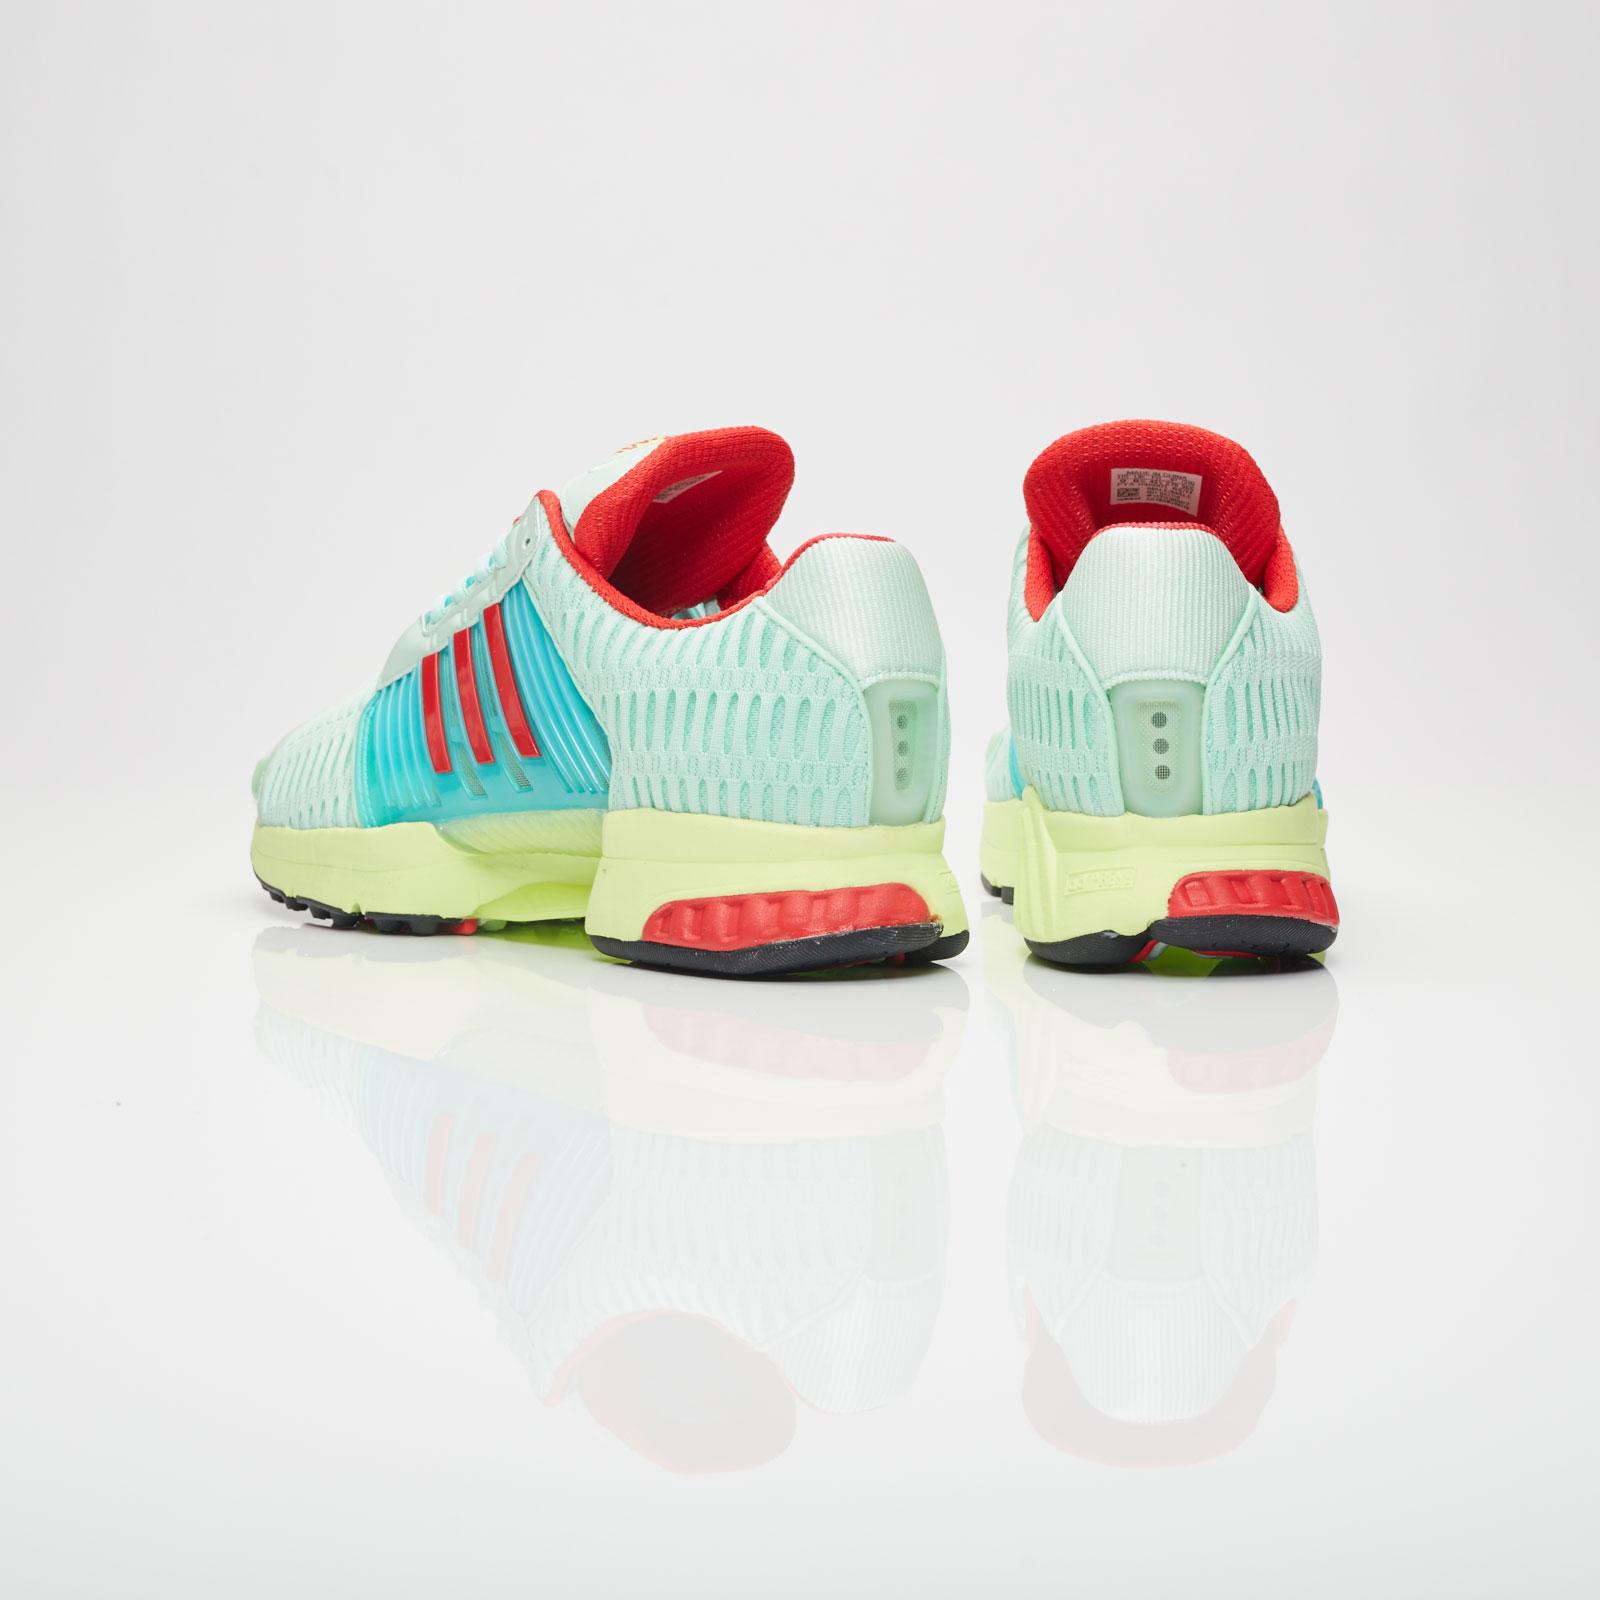 on sale 214be e434b adidas Climacool 1 - Ba7158 - Sneakersnstuff   sneakers & streetwear online  since 1999